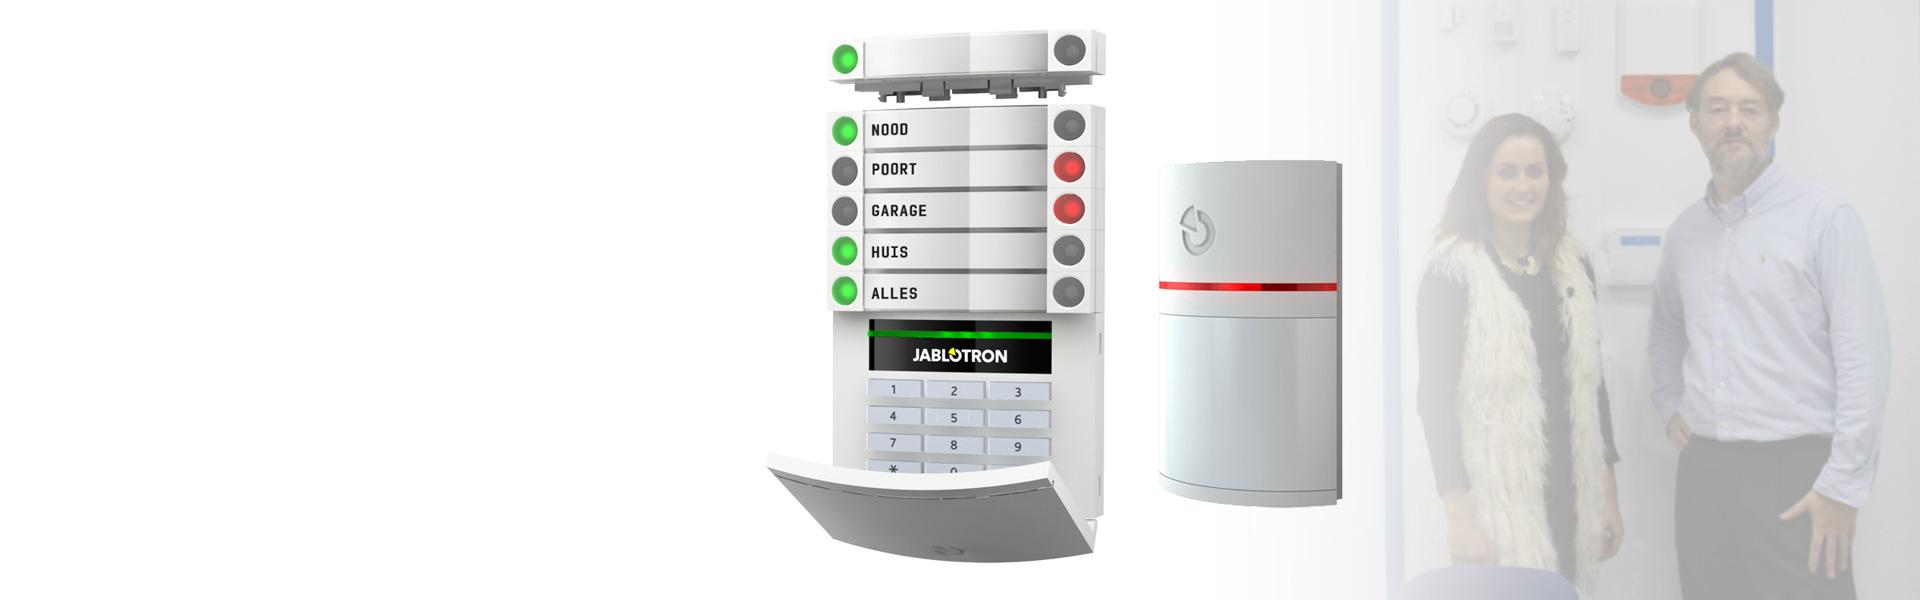 Jablotron alarmsysteem